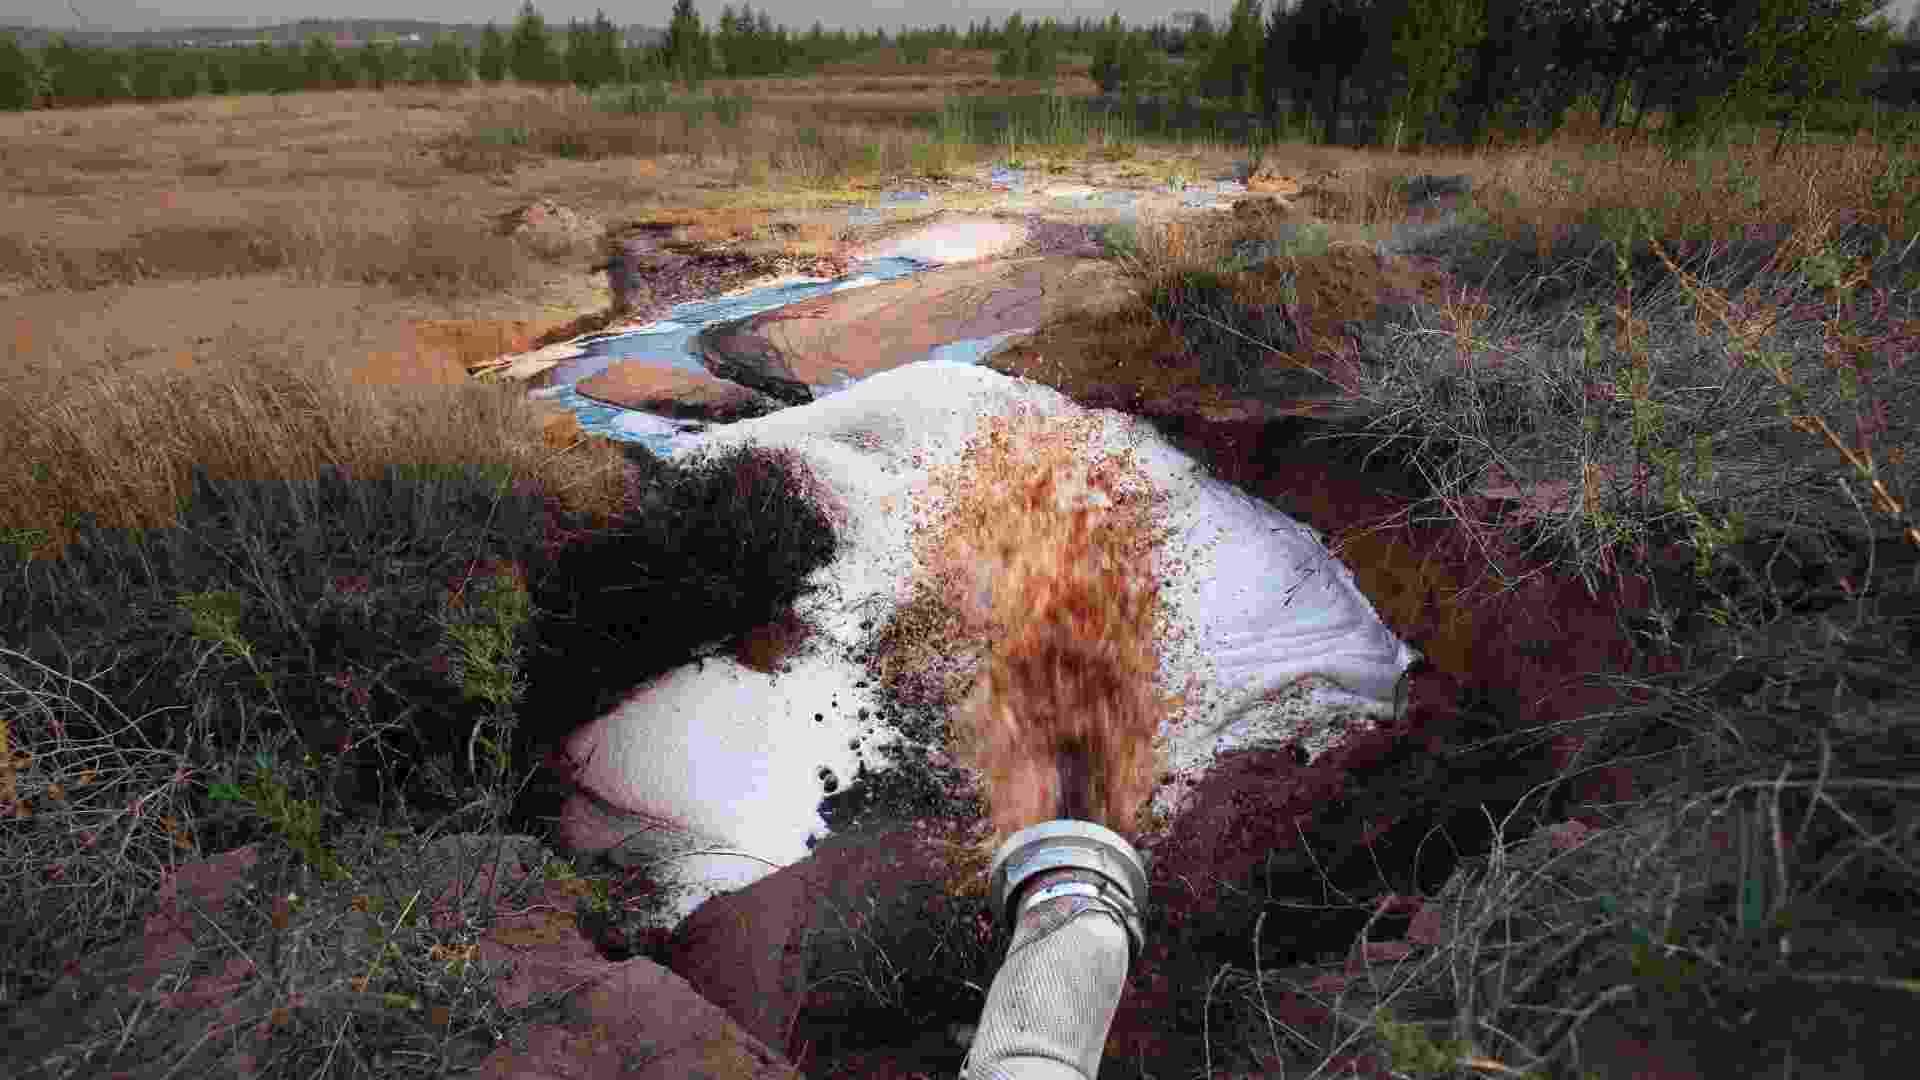 23.jul.2013 - A usina-piloto de liquefação de carvão da Shenhua Group, a maior mineradora chinesa, despejou uma grande quantidade de água contaminada na região perto da cidade de Ordos, na Mongólia Interior, elevando os níveis de produtos tóxicos nas águas locais. Segundo denúncia da ONG, a mineradora também retirou mais de 50 milhões de toneladas de água do lençol freático na região de Haolebaoji desde 2006 - Qiu Bo/Greenpeace via Reuters